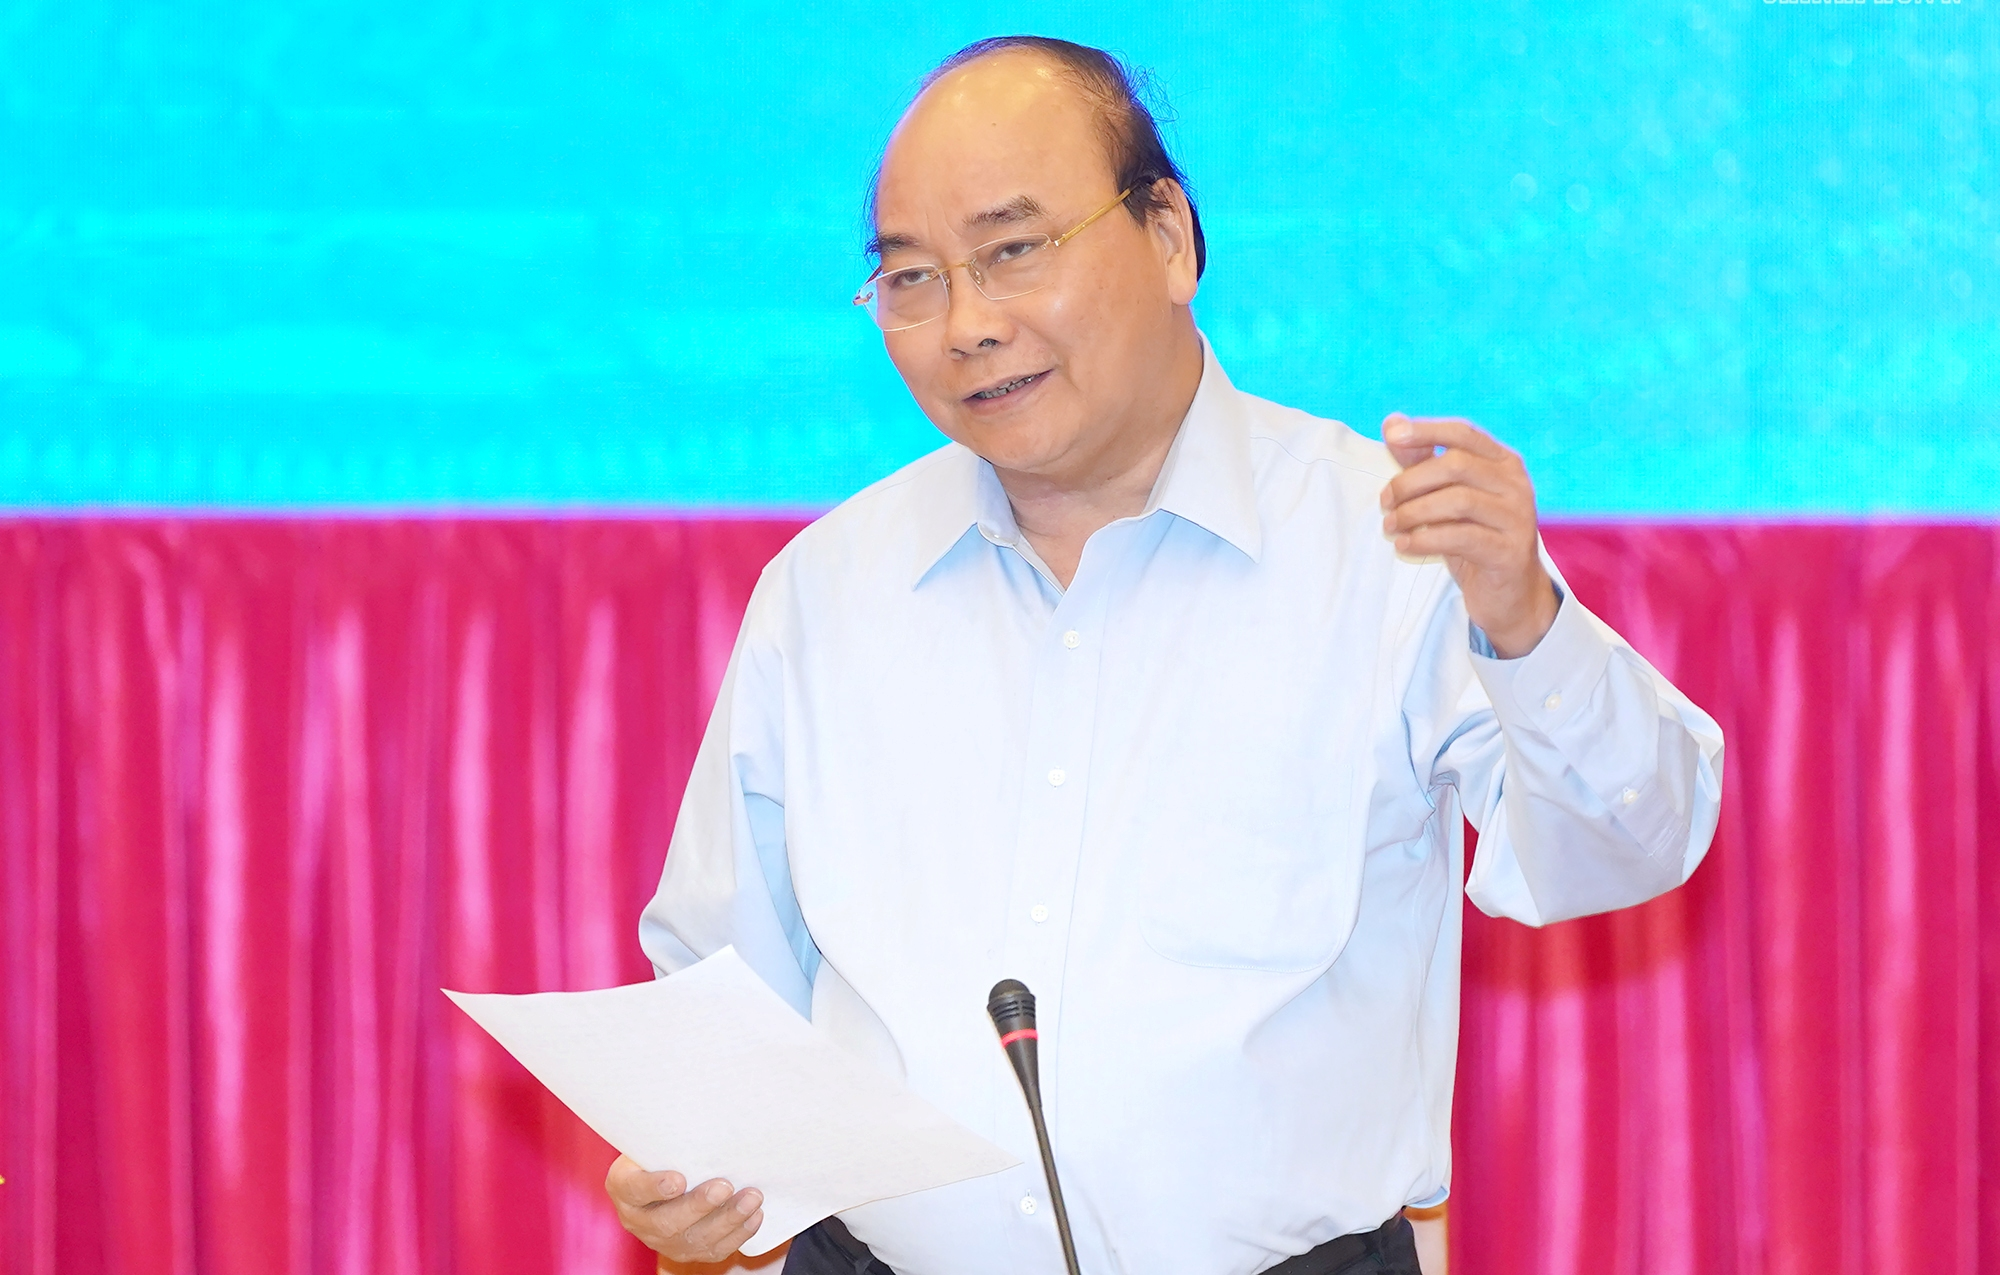 Tiếp tục kiên định 3 đột phá chiến lược đối với các tỉnh miền Trung, Tây Nguyên